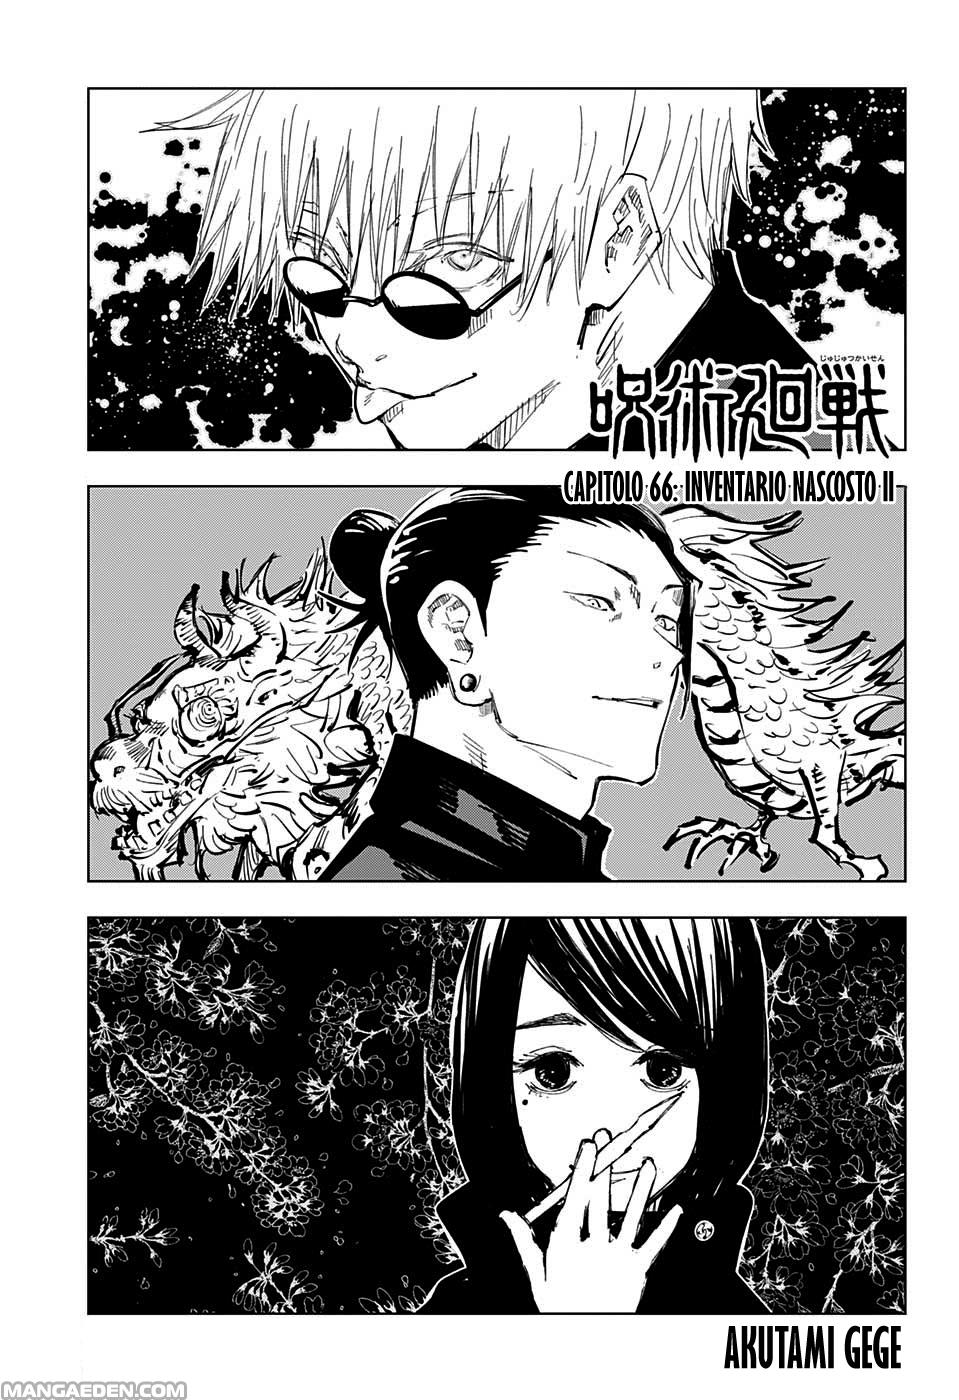 https://nine.mangadogs.com/it_manga/pic/35/2659/304700/JujutsuKaisen66InventarioN617.png Page 2